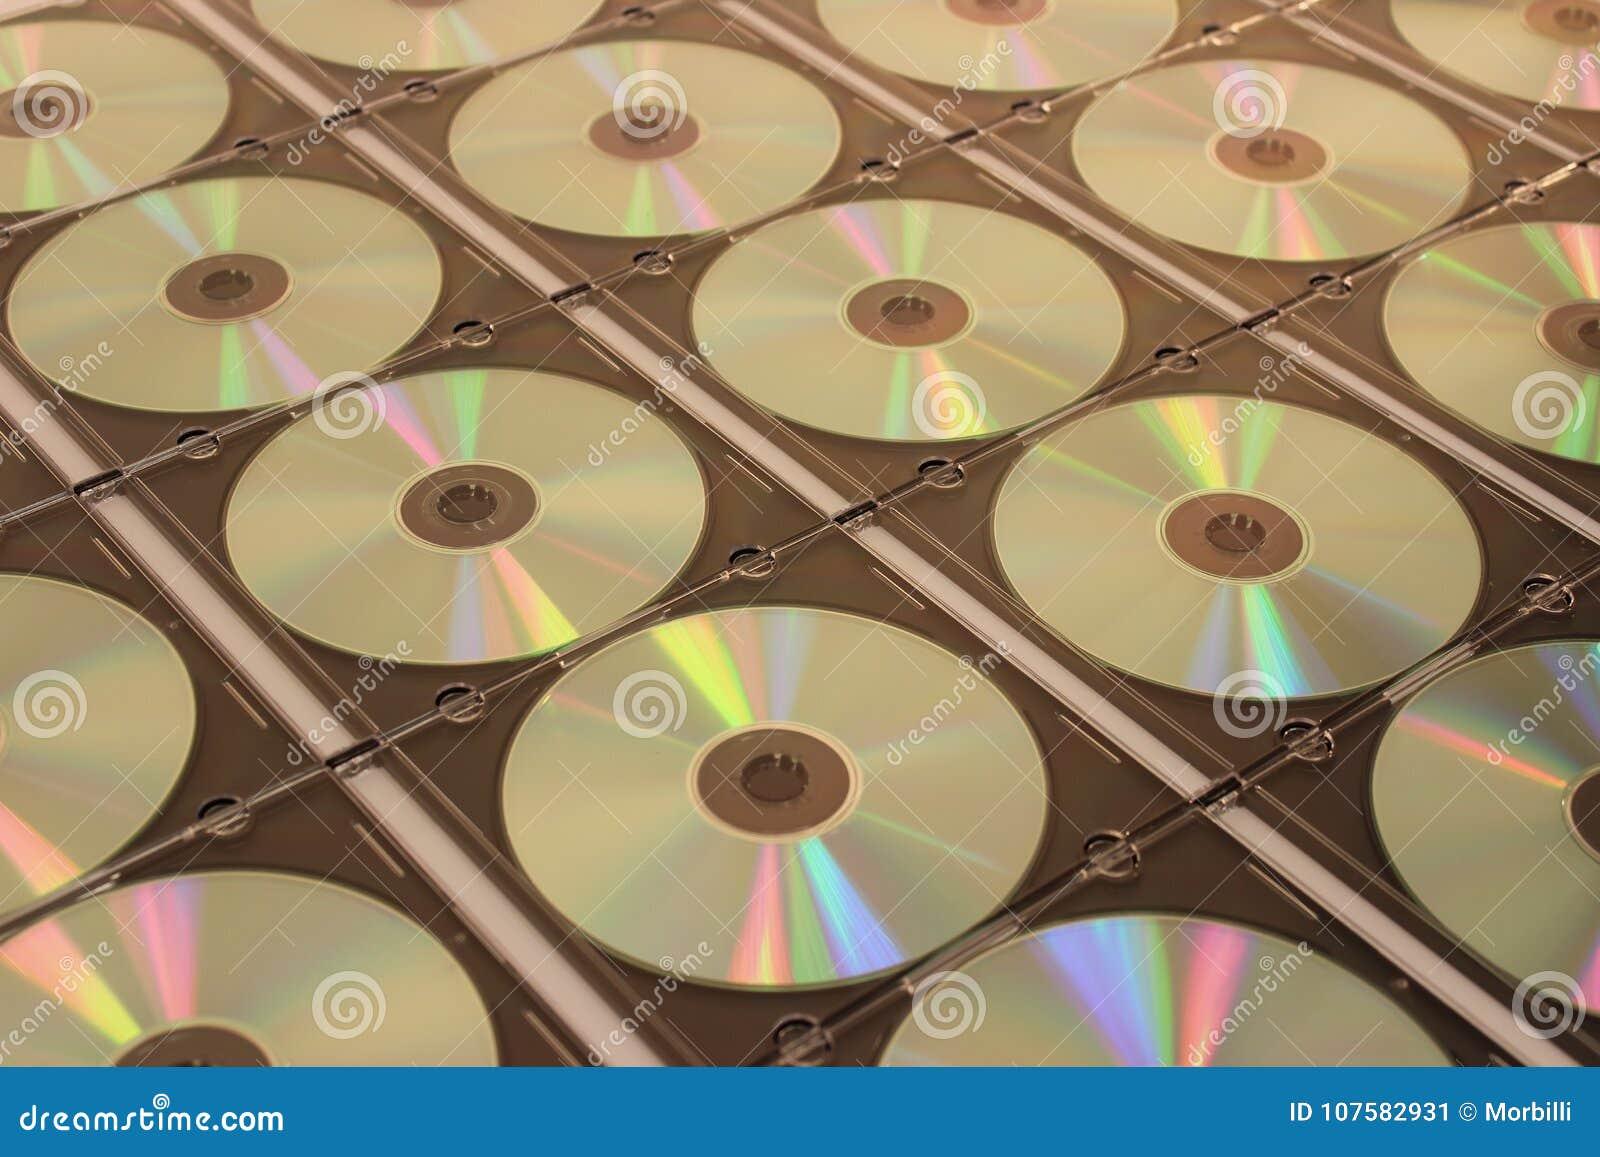 Discos CD-ROM em umas caixas plásticas